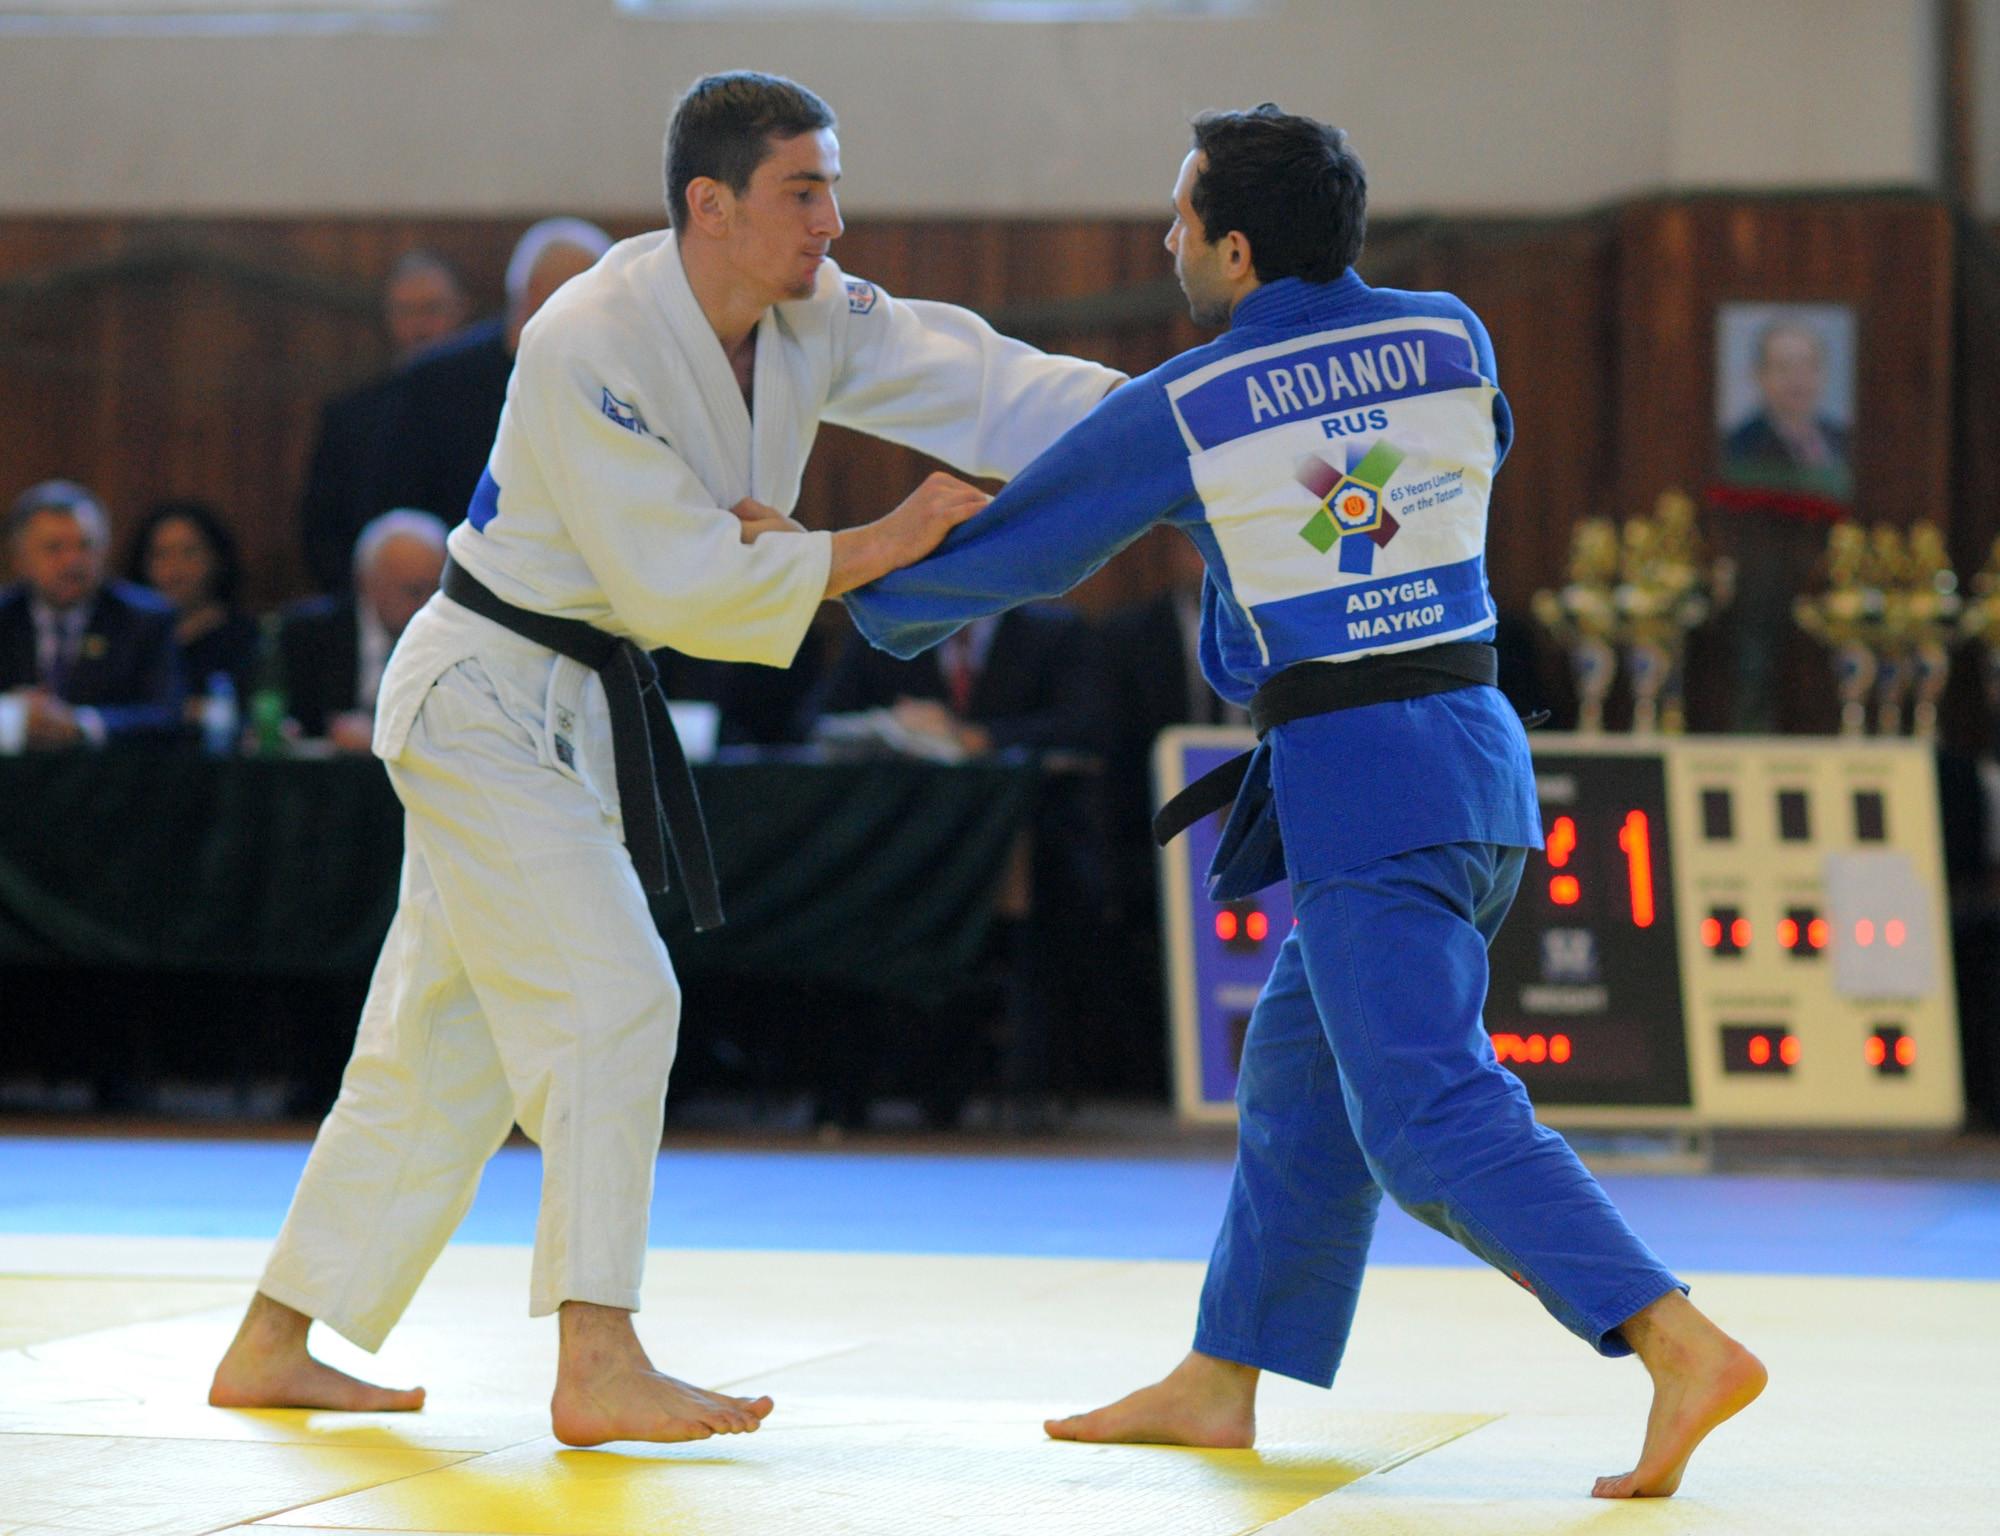 В Адыгее завершились всероссийские соревнования по дзюдо памяти Якуба Коблева